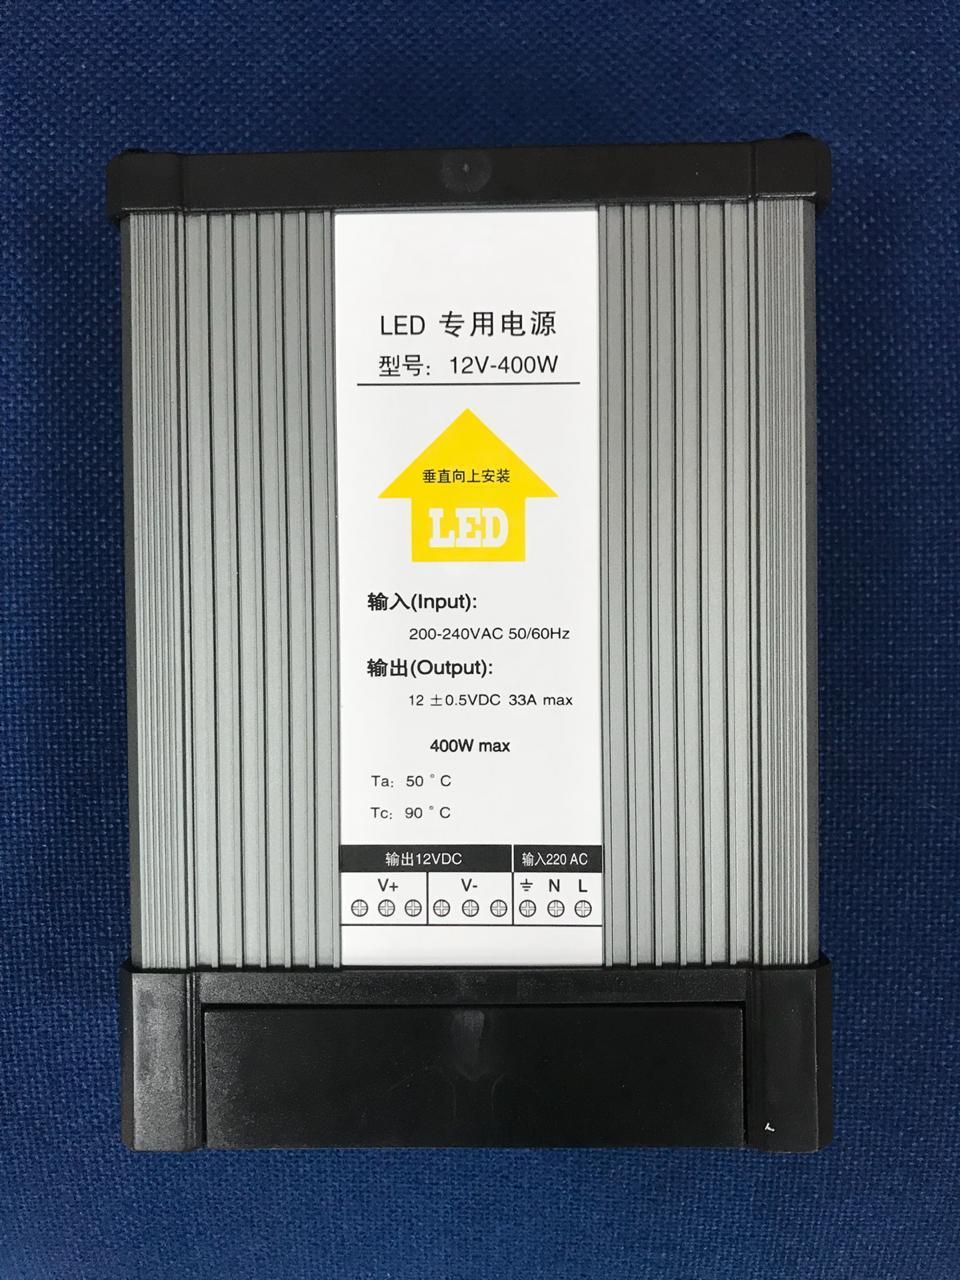 Трансформатор REIDEN 400W влагозащищенный